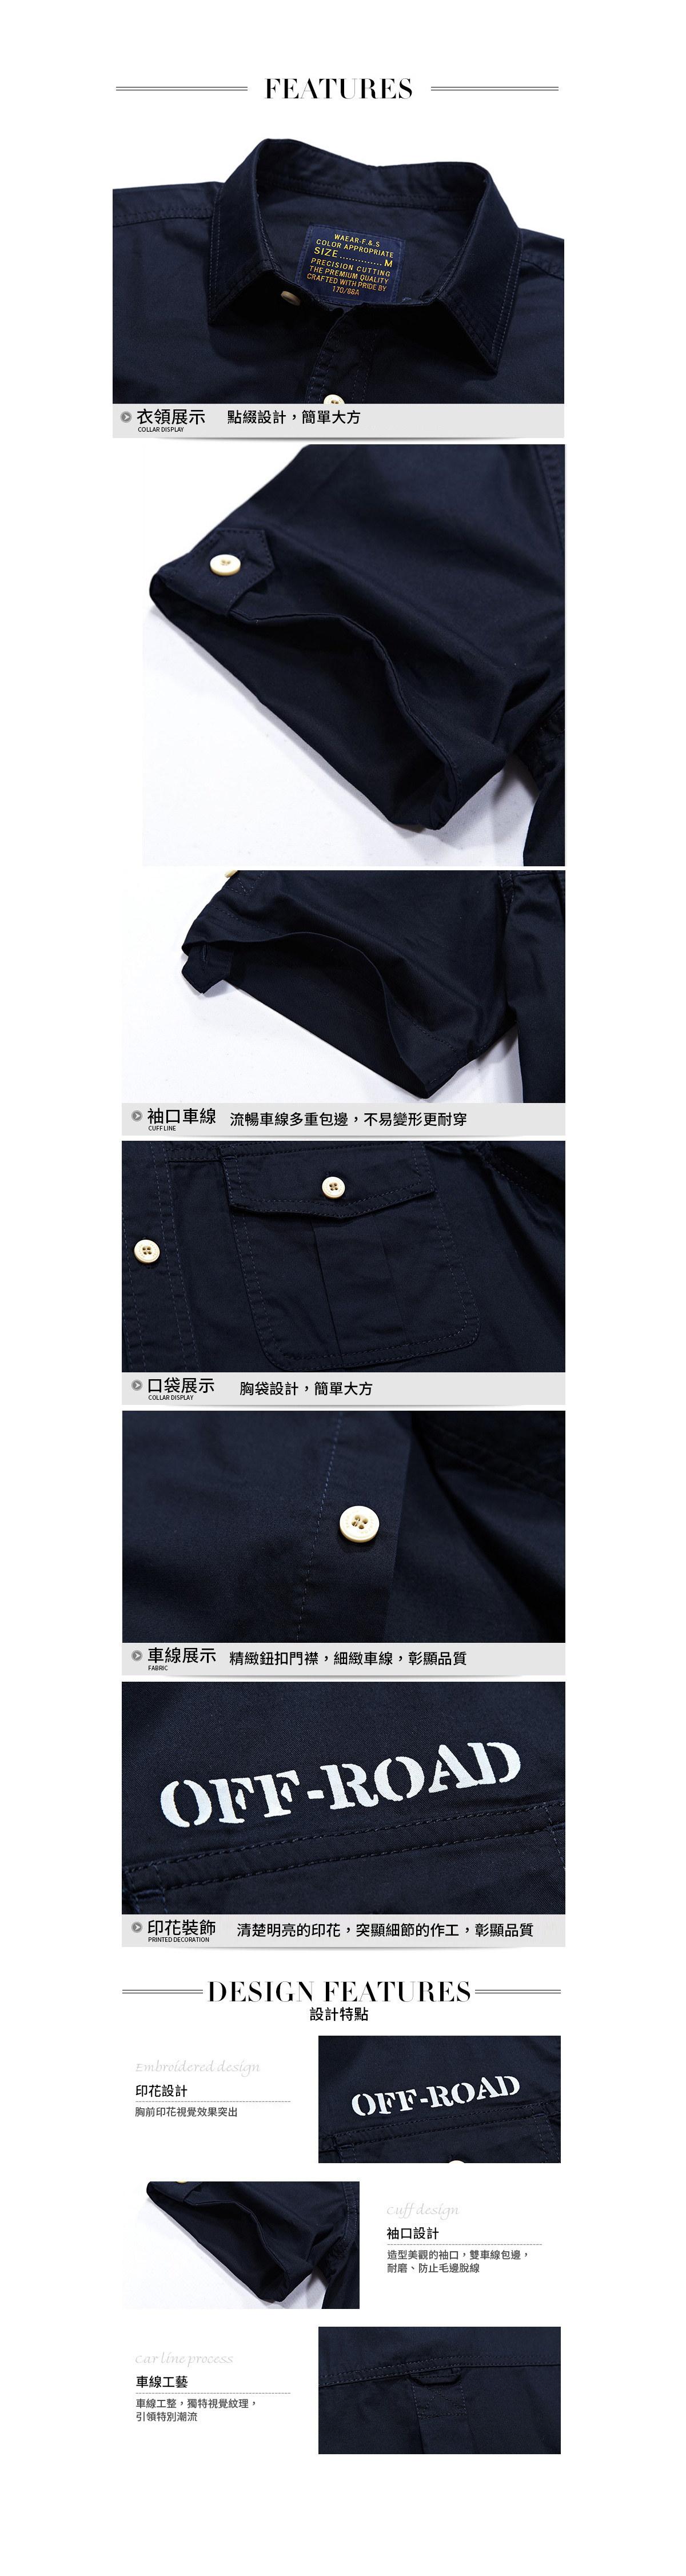 OFF-ROAD.臂釦設計軍裝短襯衫